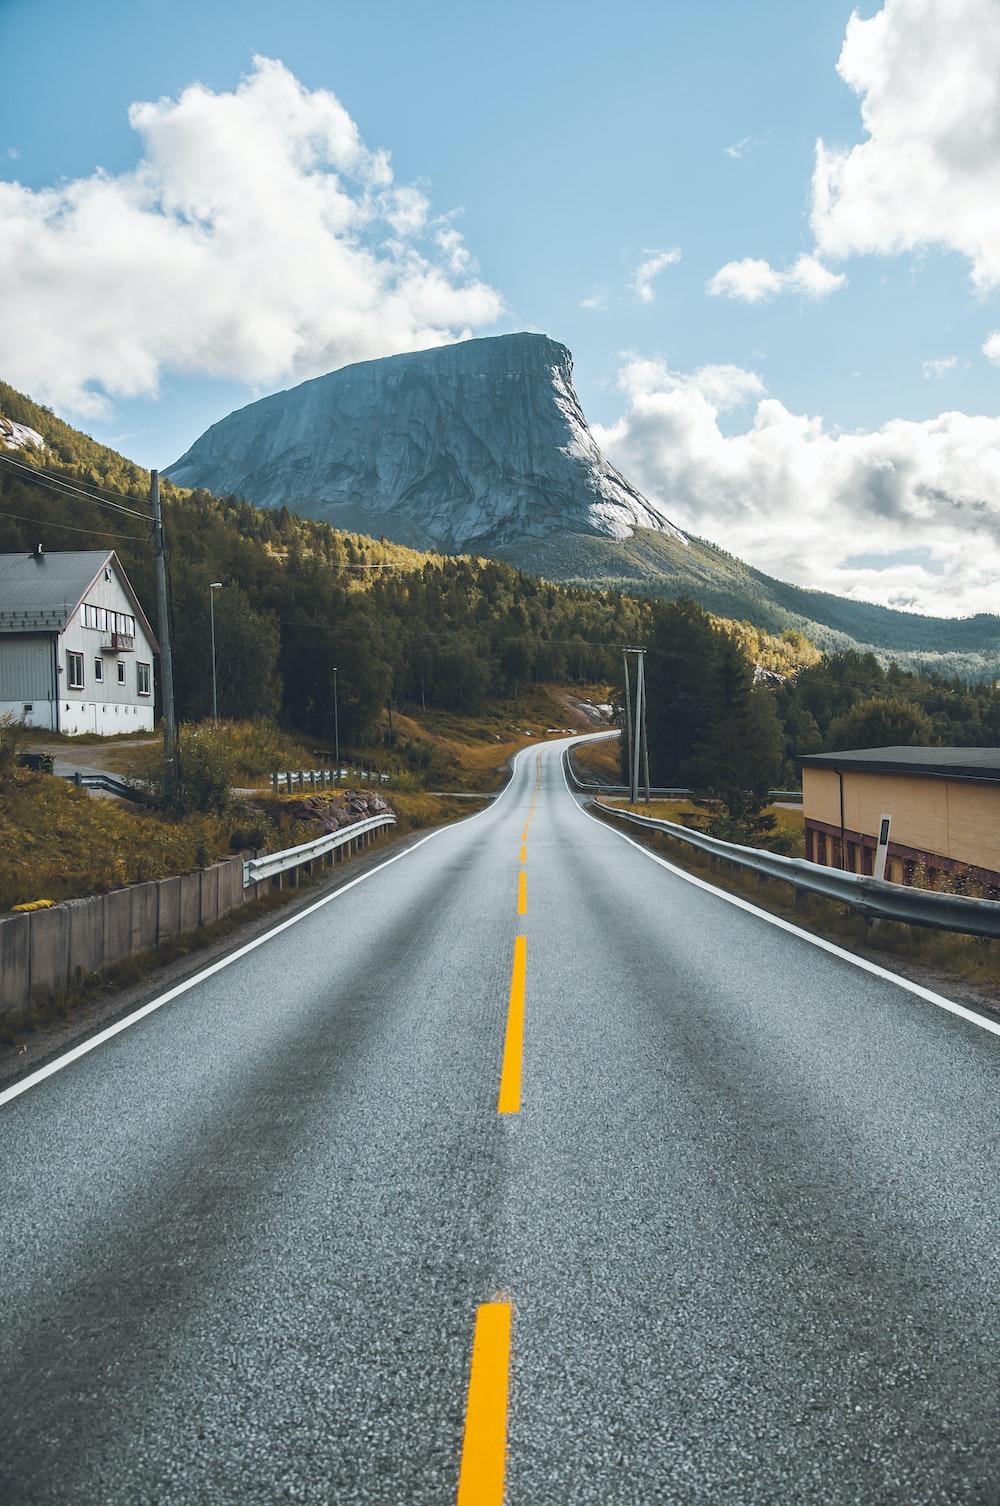 black asphalt road under clear blue sky